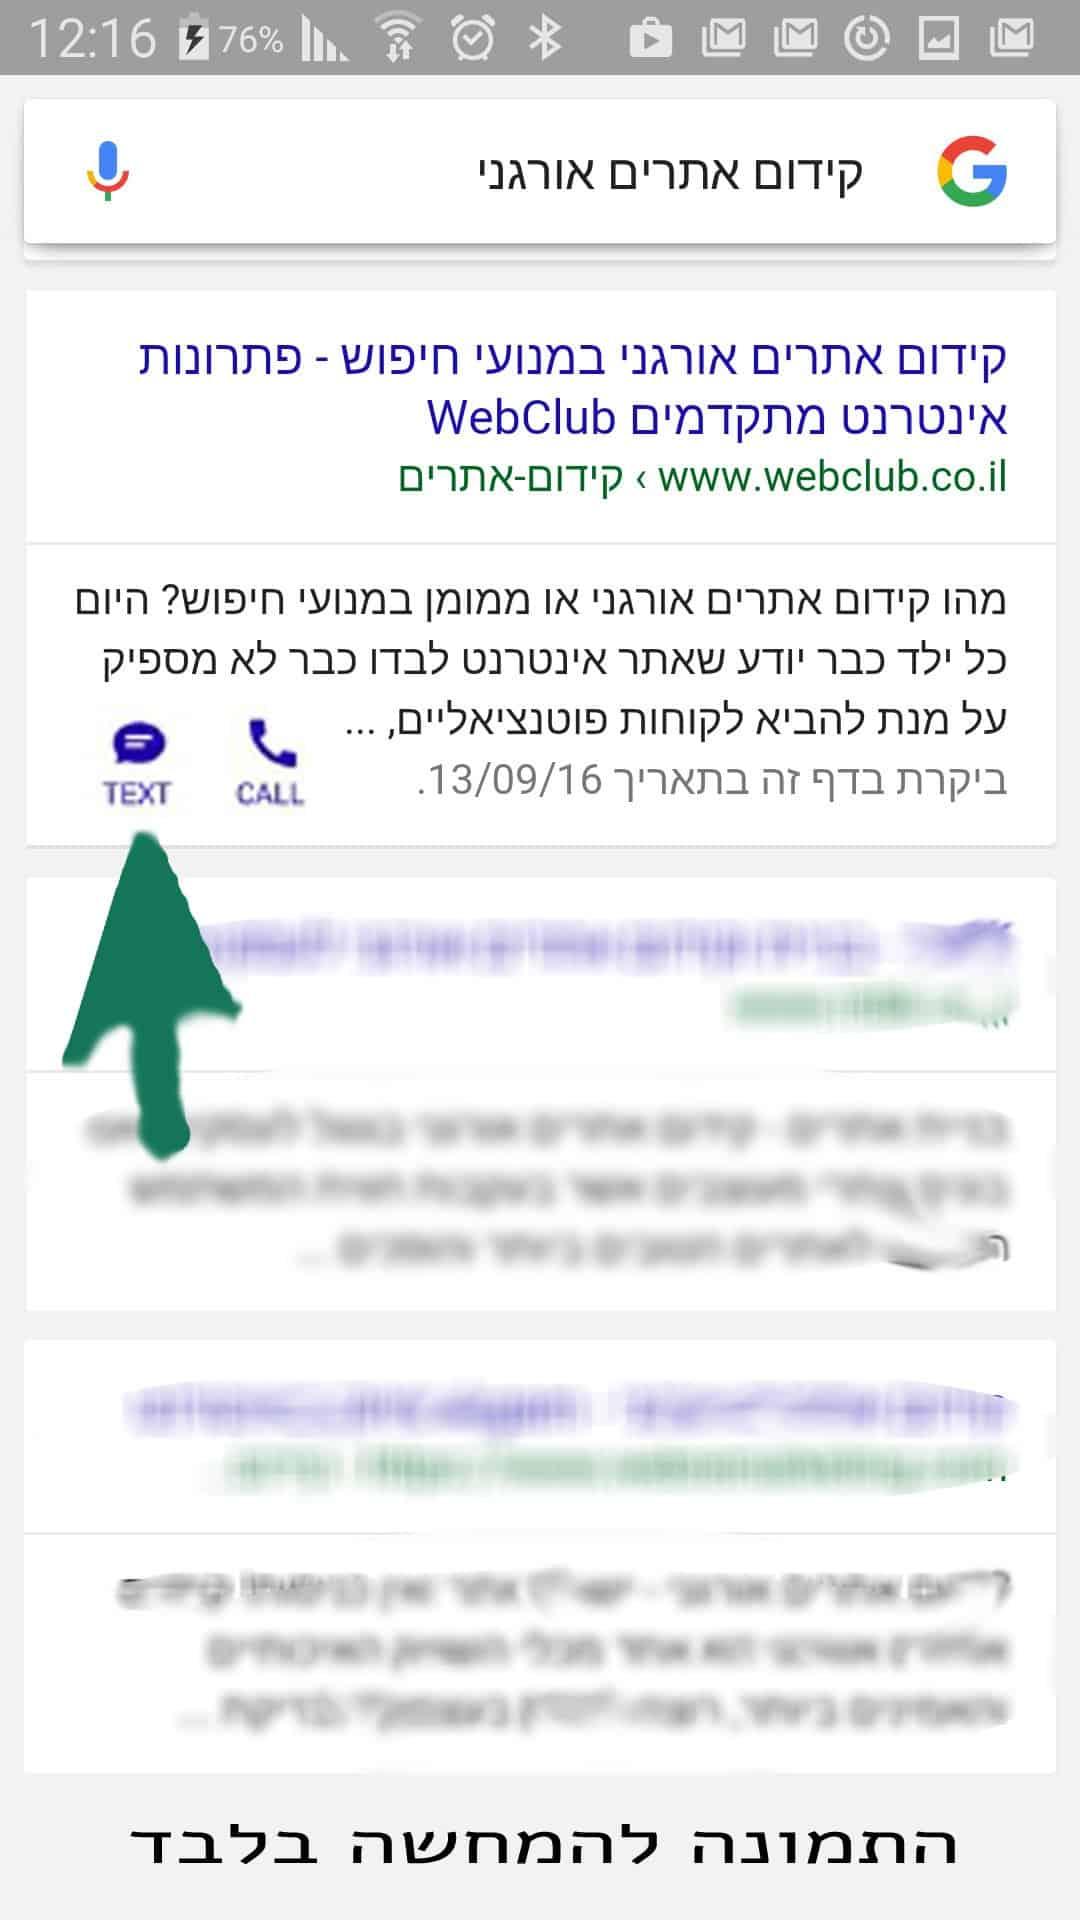 קידום ממומן בגוגל - הודעת טקסט